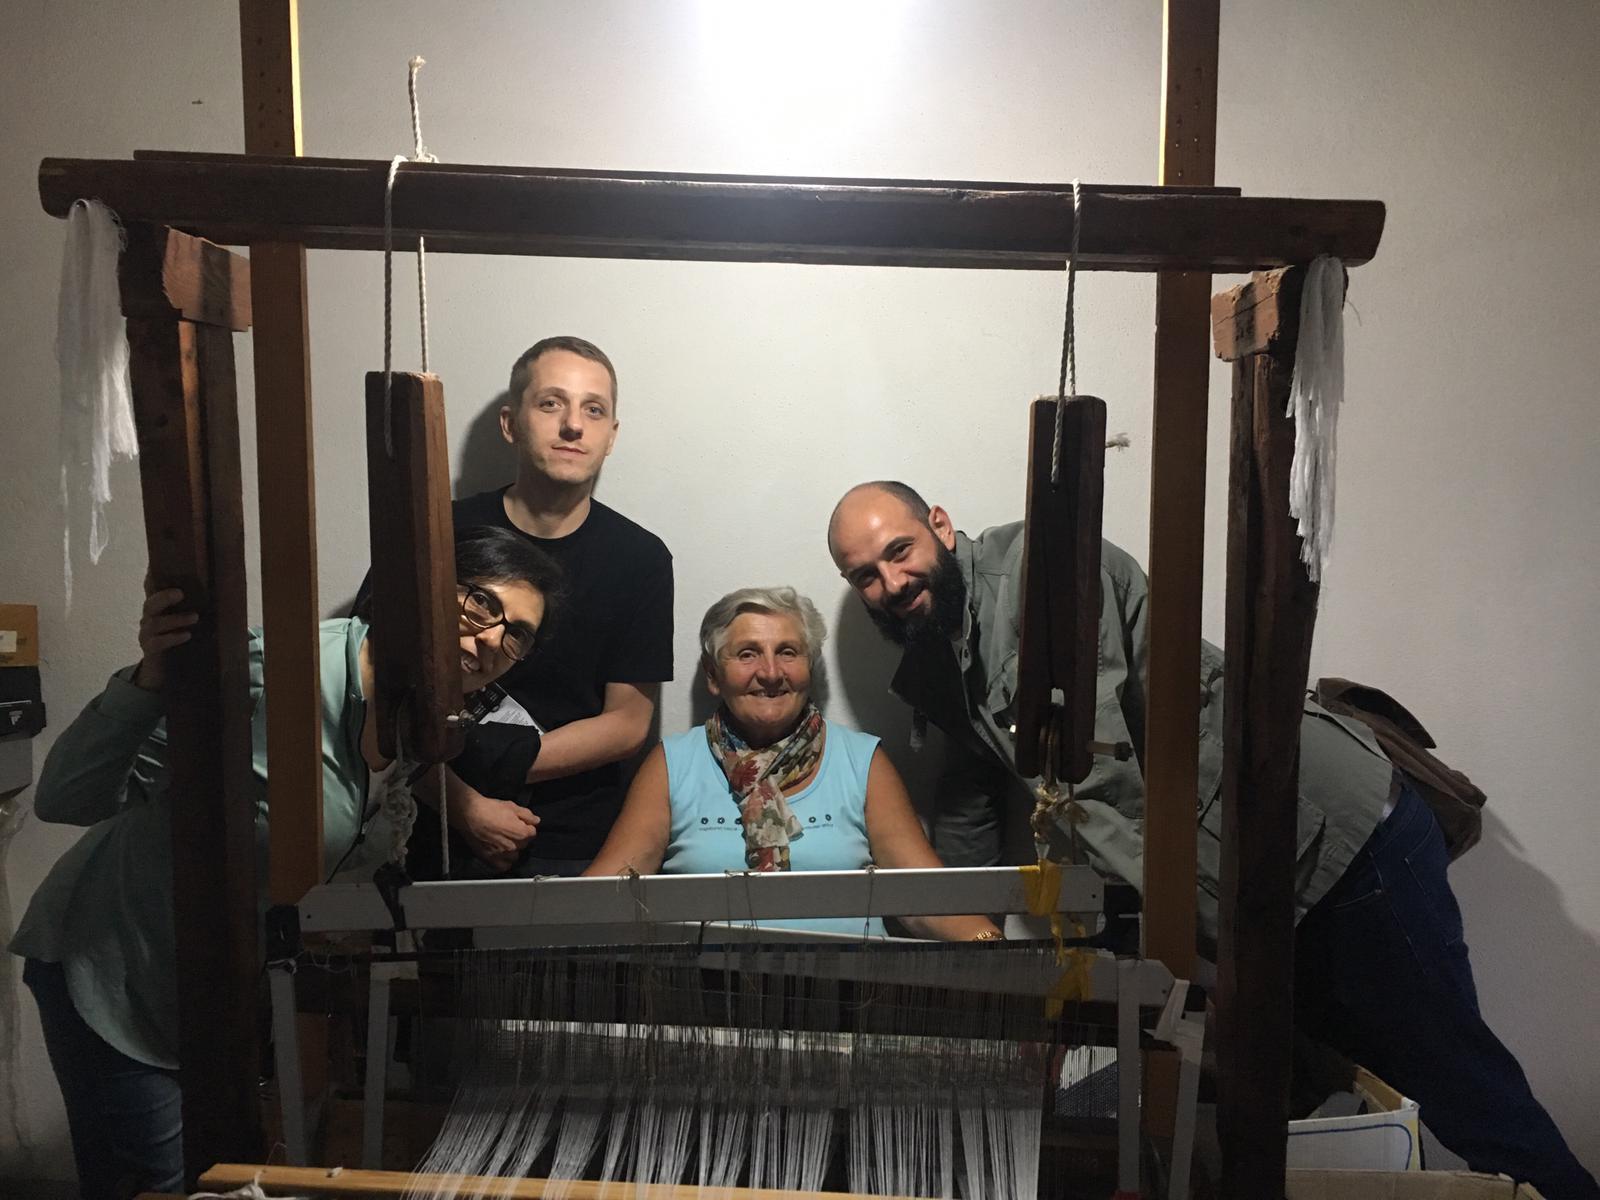 aperto 2019, art on the border, arte contemporanea, distretto culturale, valle camonica, valcamonica